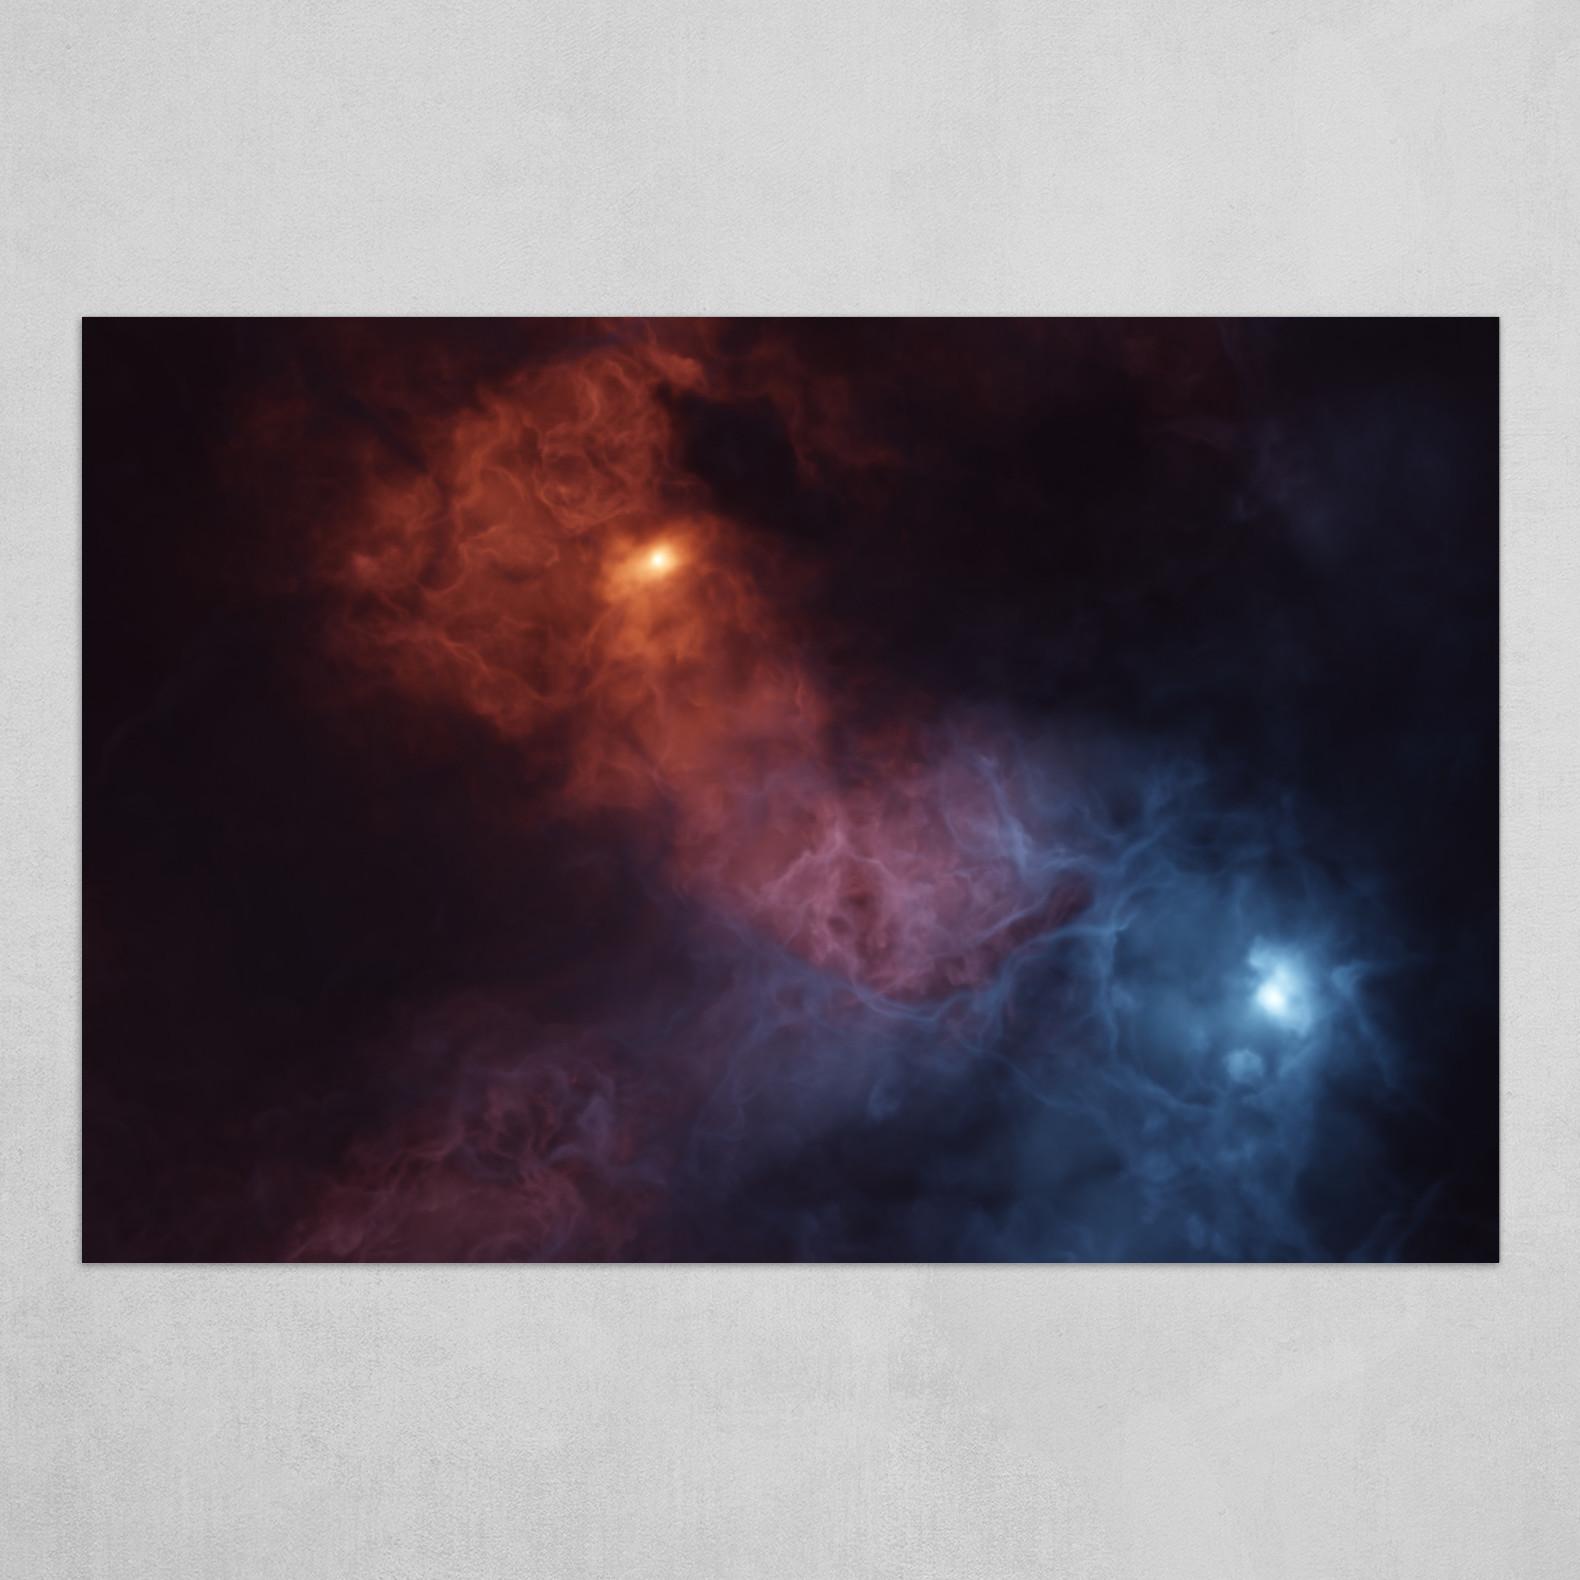 Nebulae 18-6-19